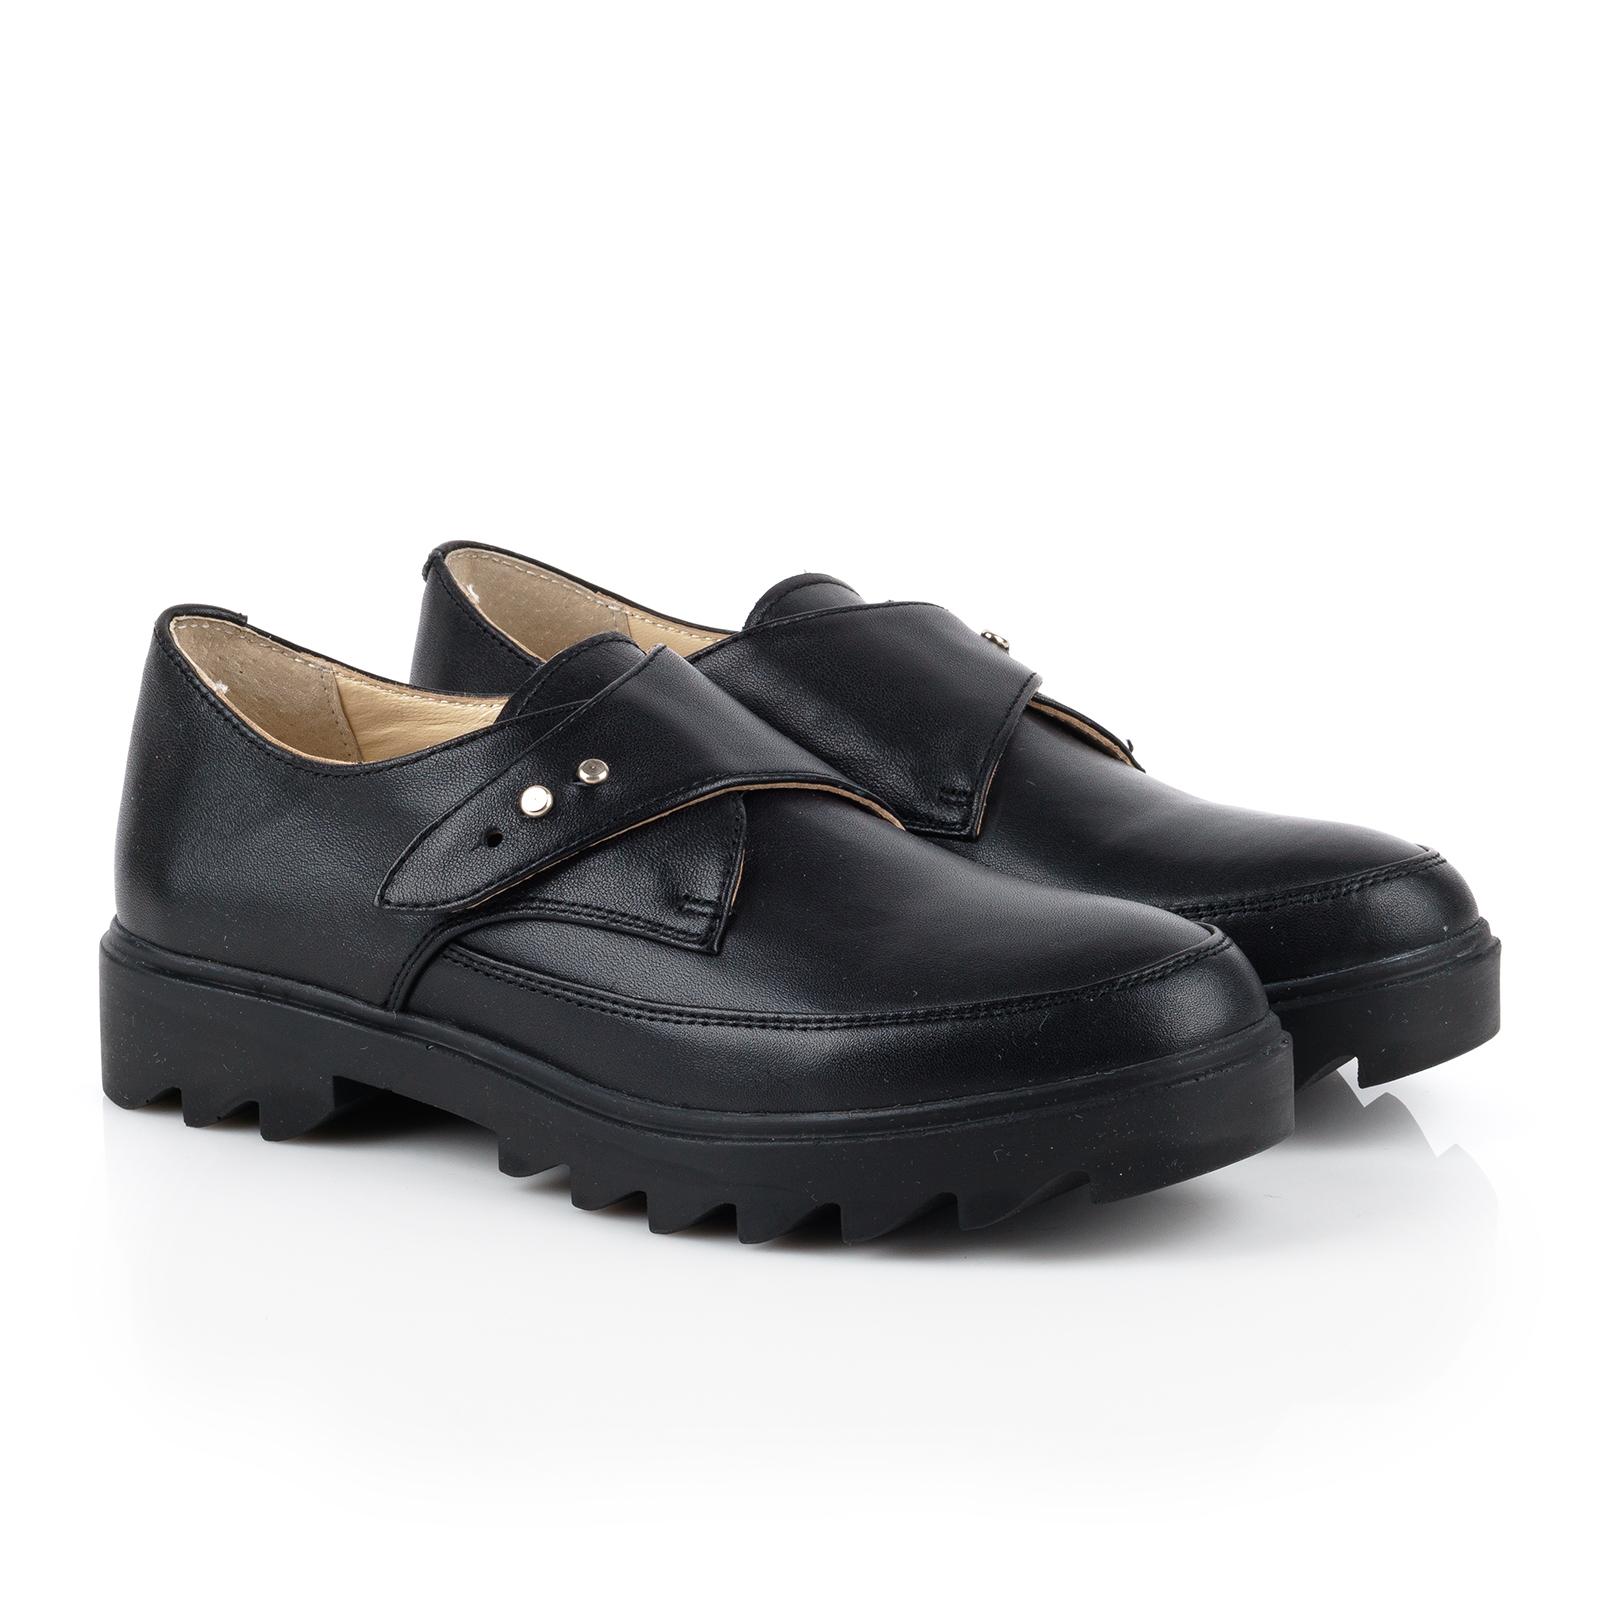 Туфли для женщин Туфли Алина кожаные черного цвета 100053 продажа, 2017